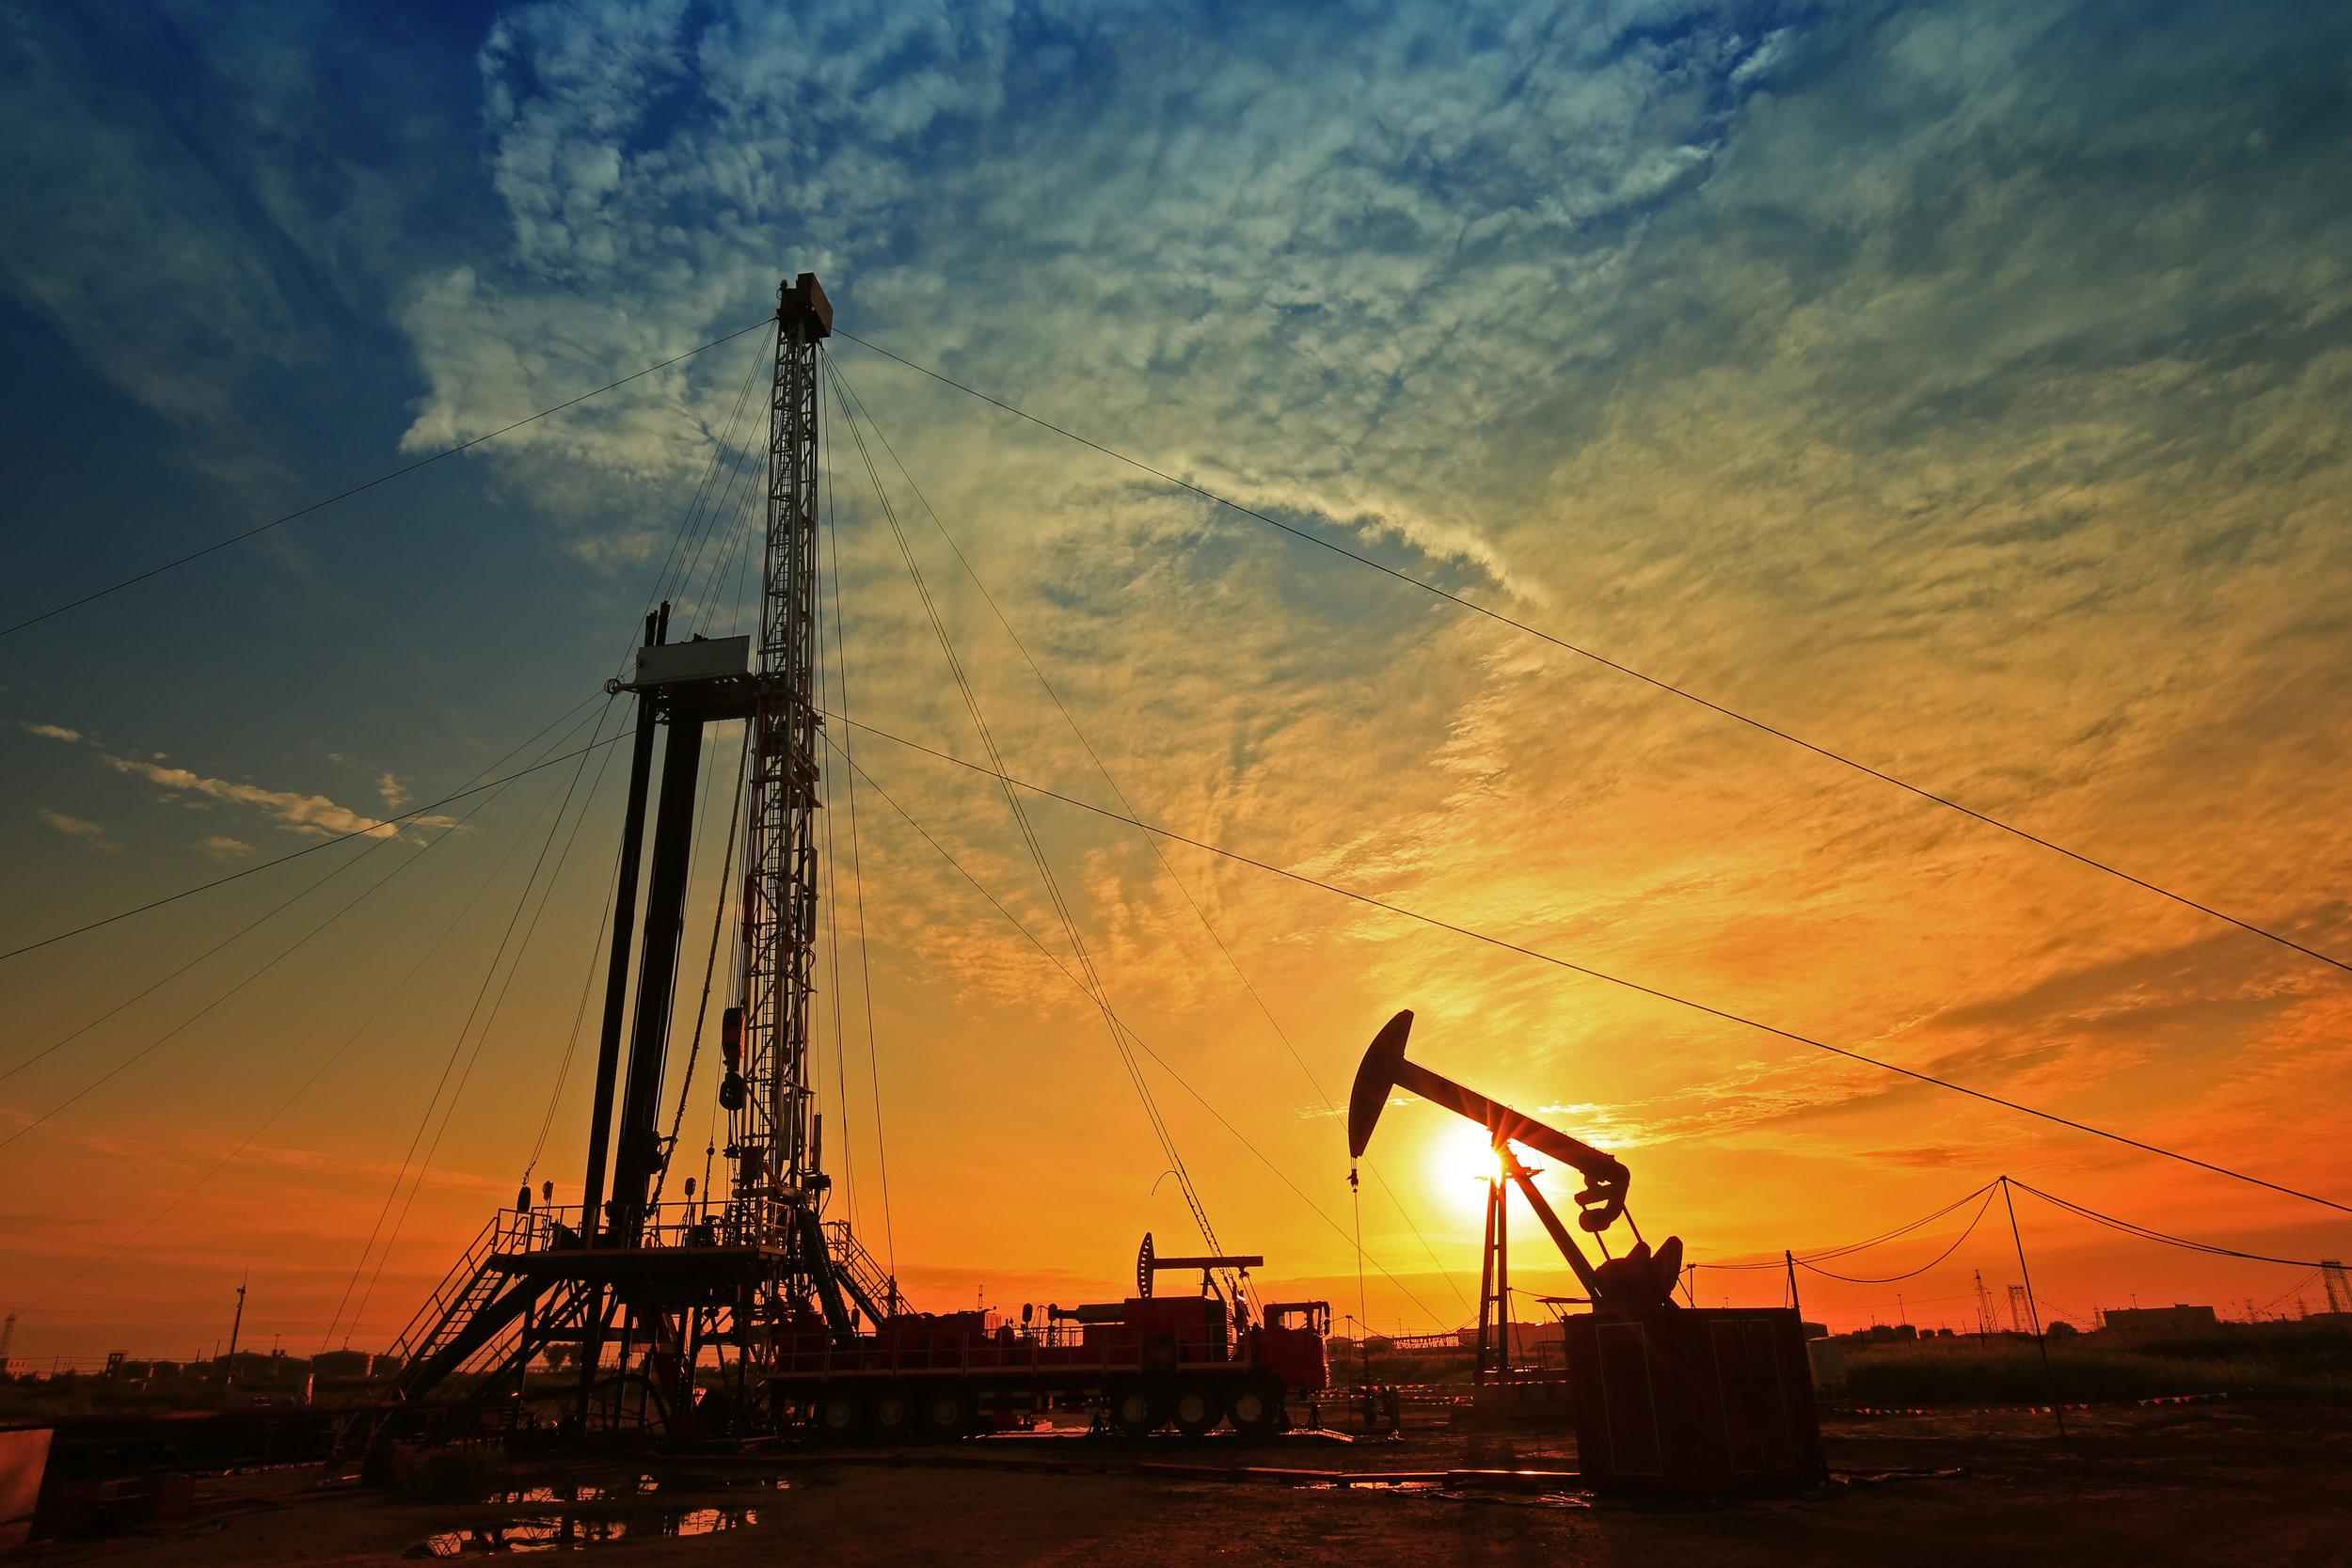 sunset derrick shutterstock_684244165.jpg